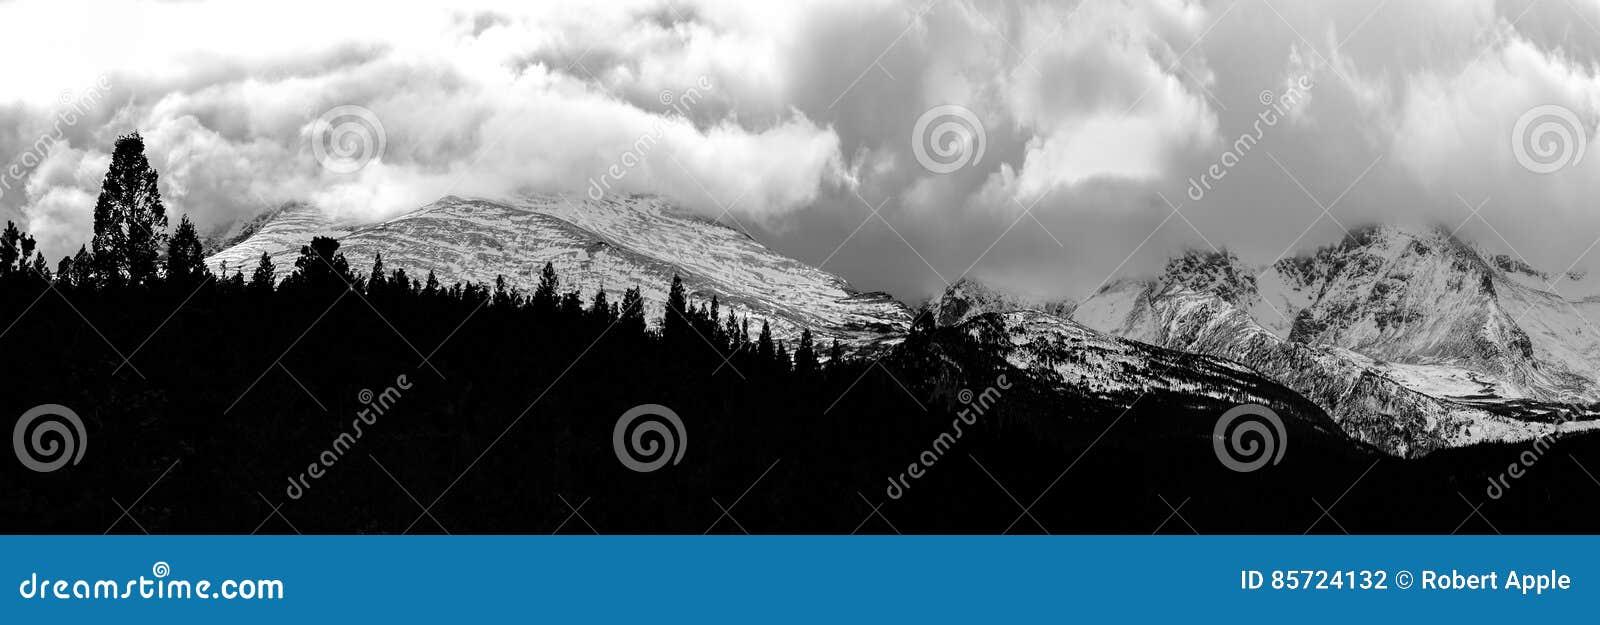 Παρασκευή χειμερινής θύελλας πέρα από τα δύσκολα βουνά